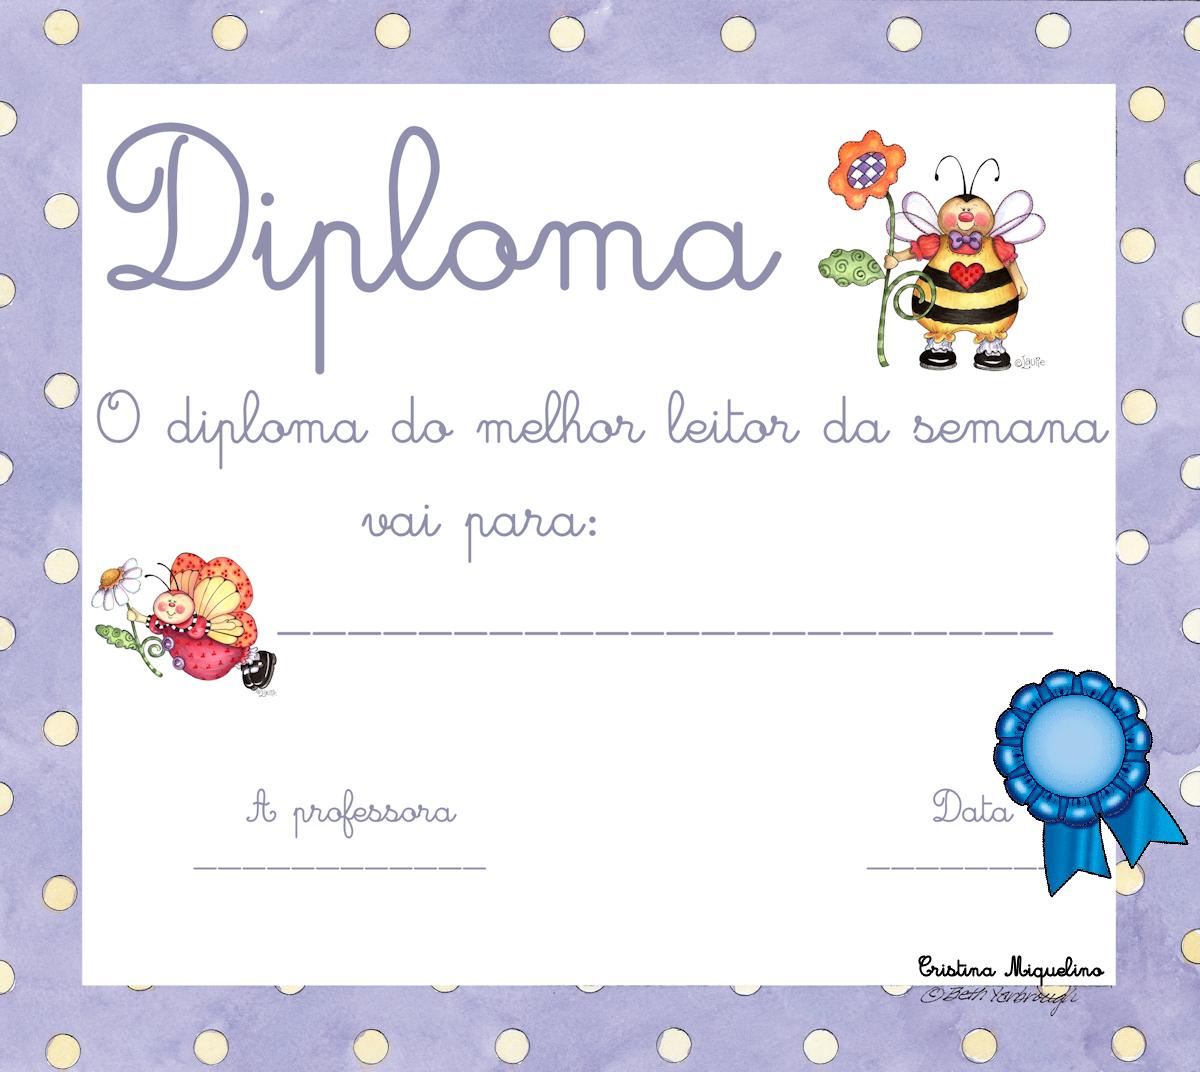 [Diploma+de+melhor+leitor-a.png]